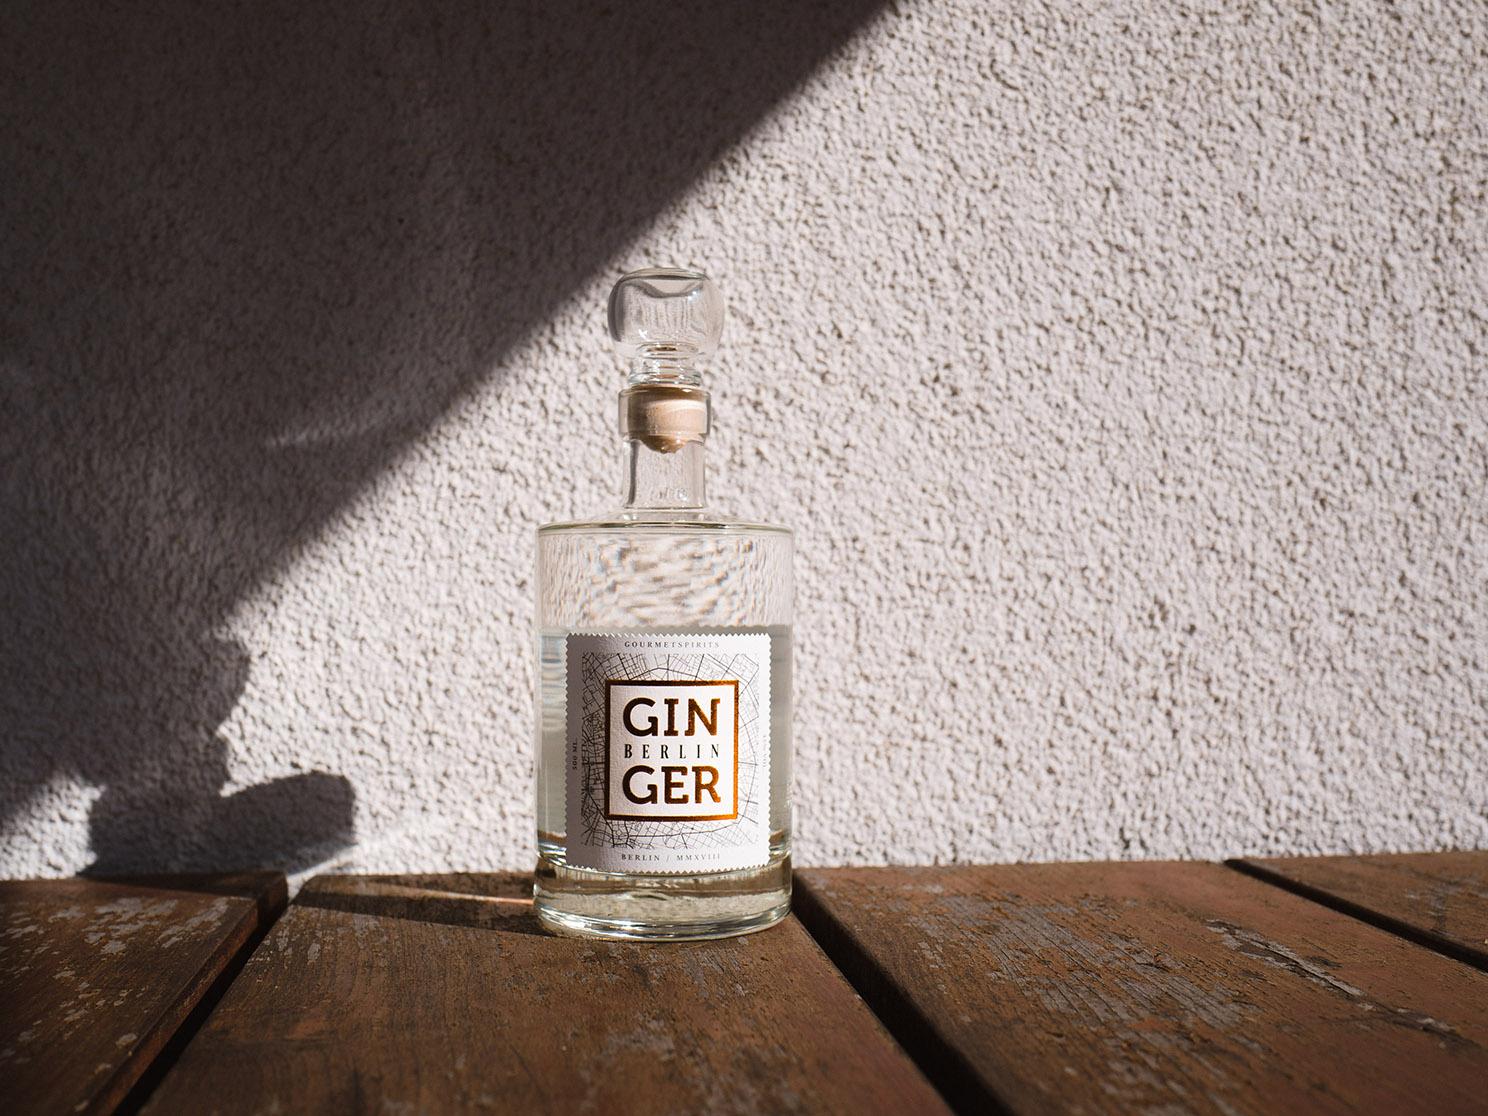 GIN GER Gin